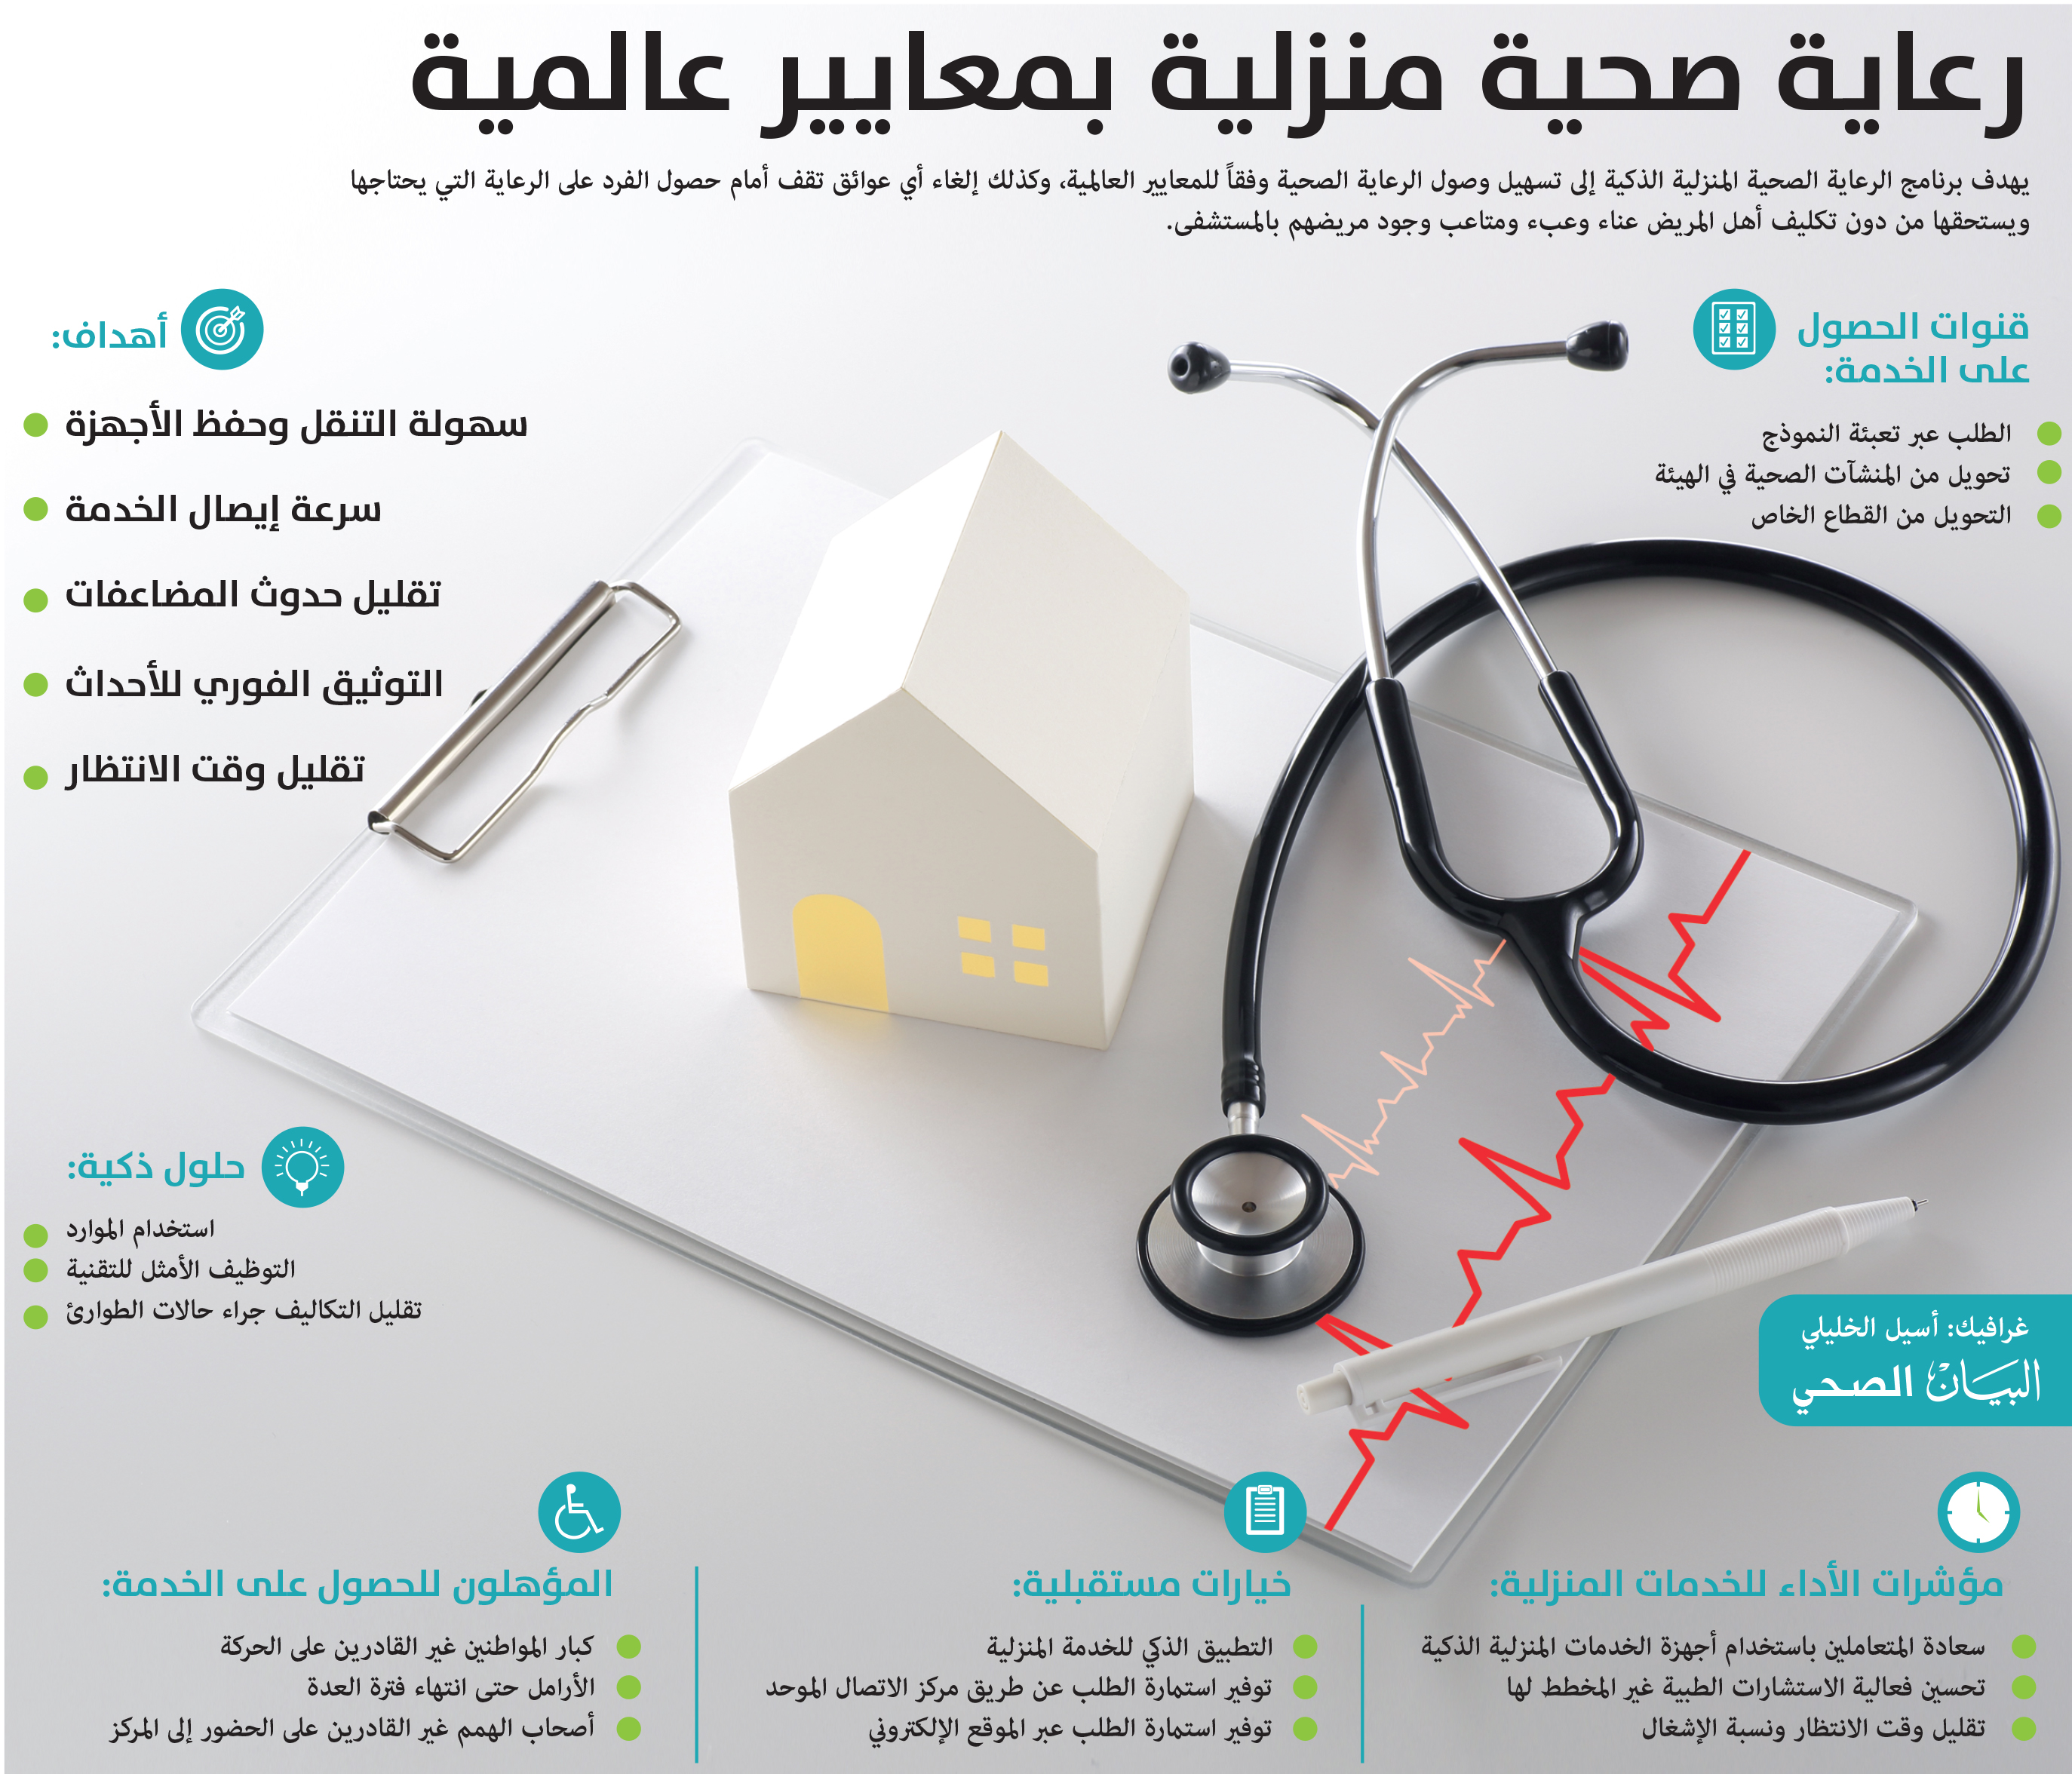 الزيارات الذكية لمنازل المرضى تعزز ريادة هيئة الصحة في دبي البيان الصحي ملف العدد البيان